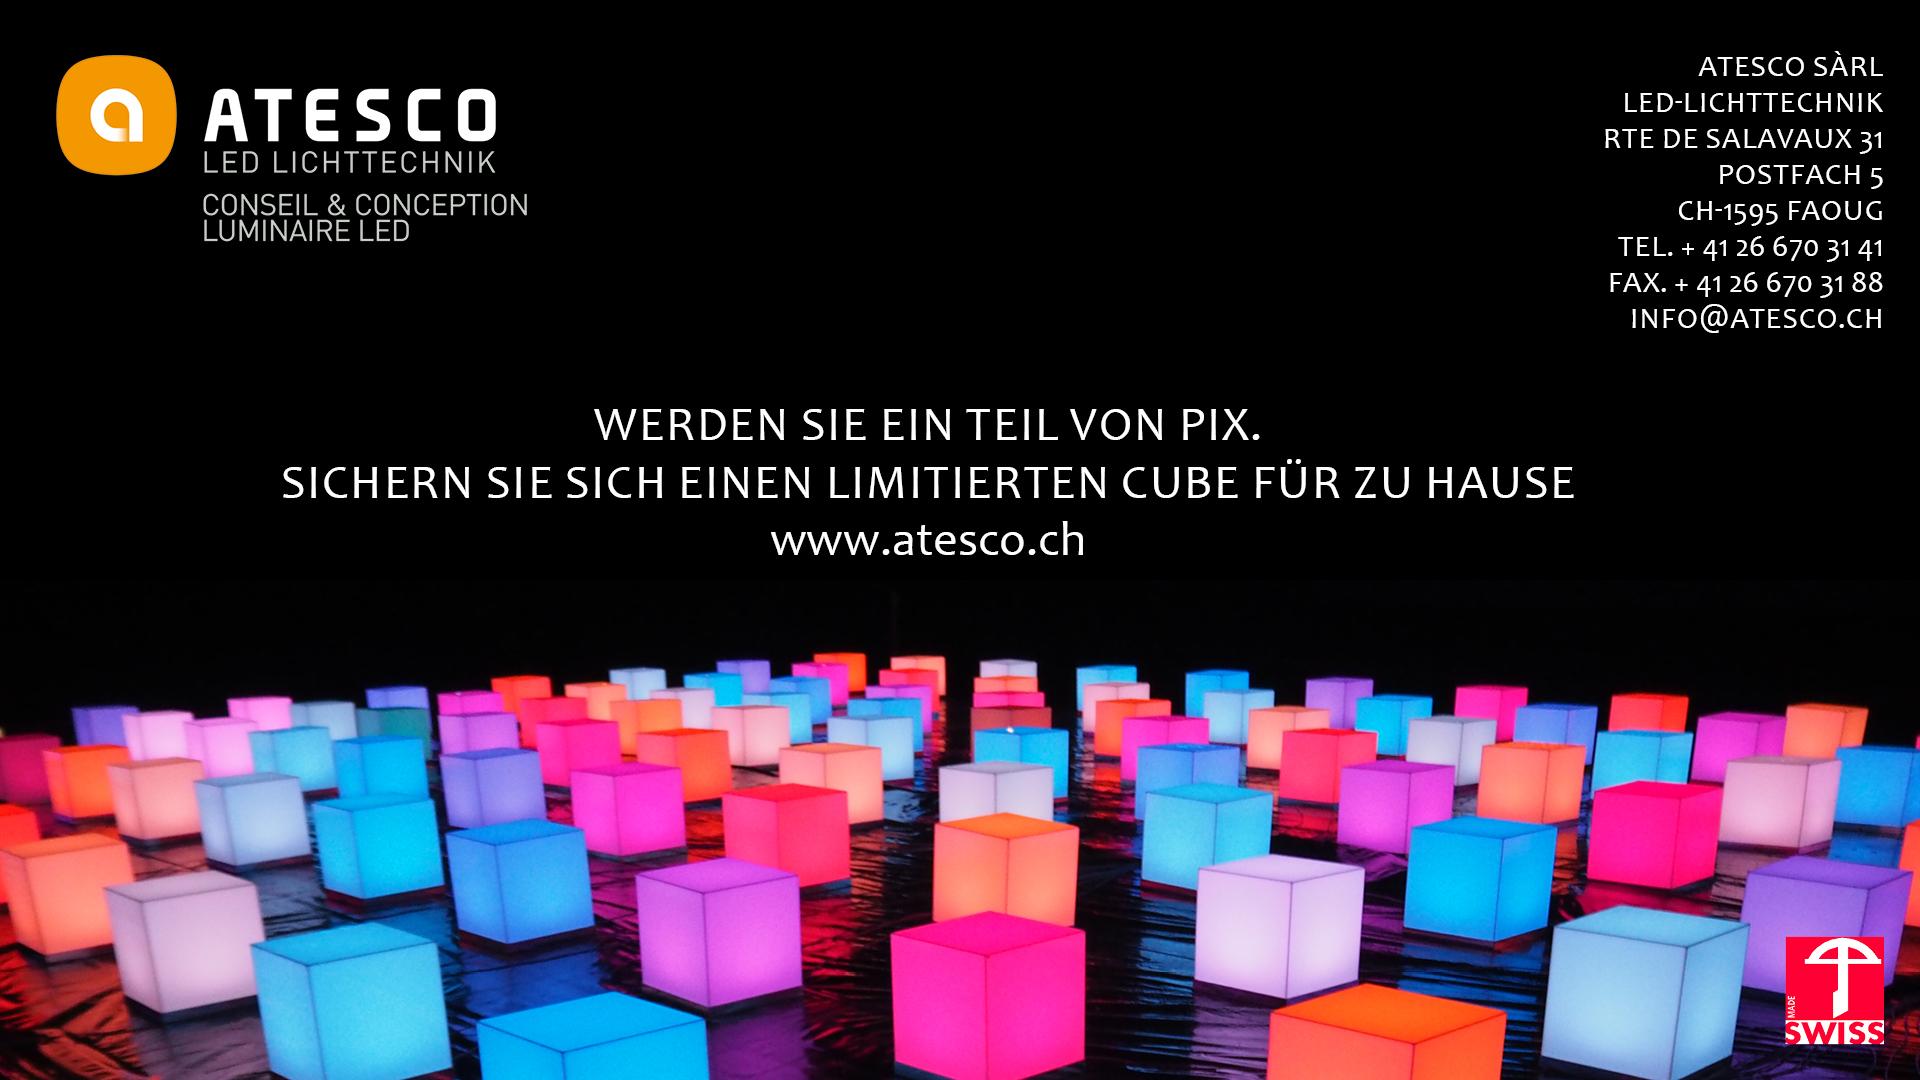 Atesco PIX